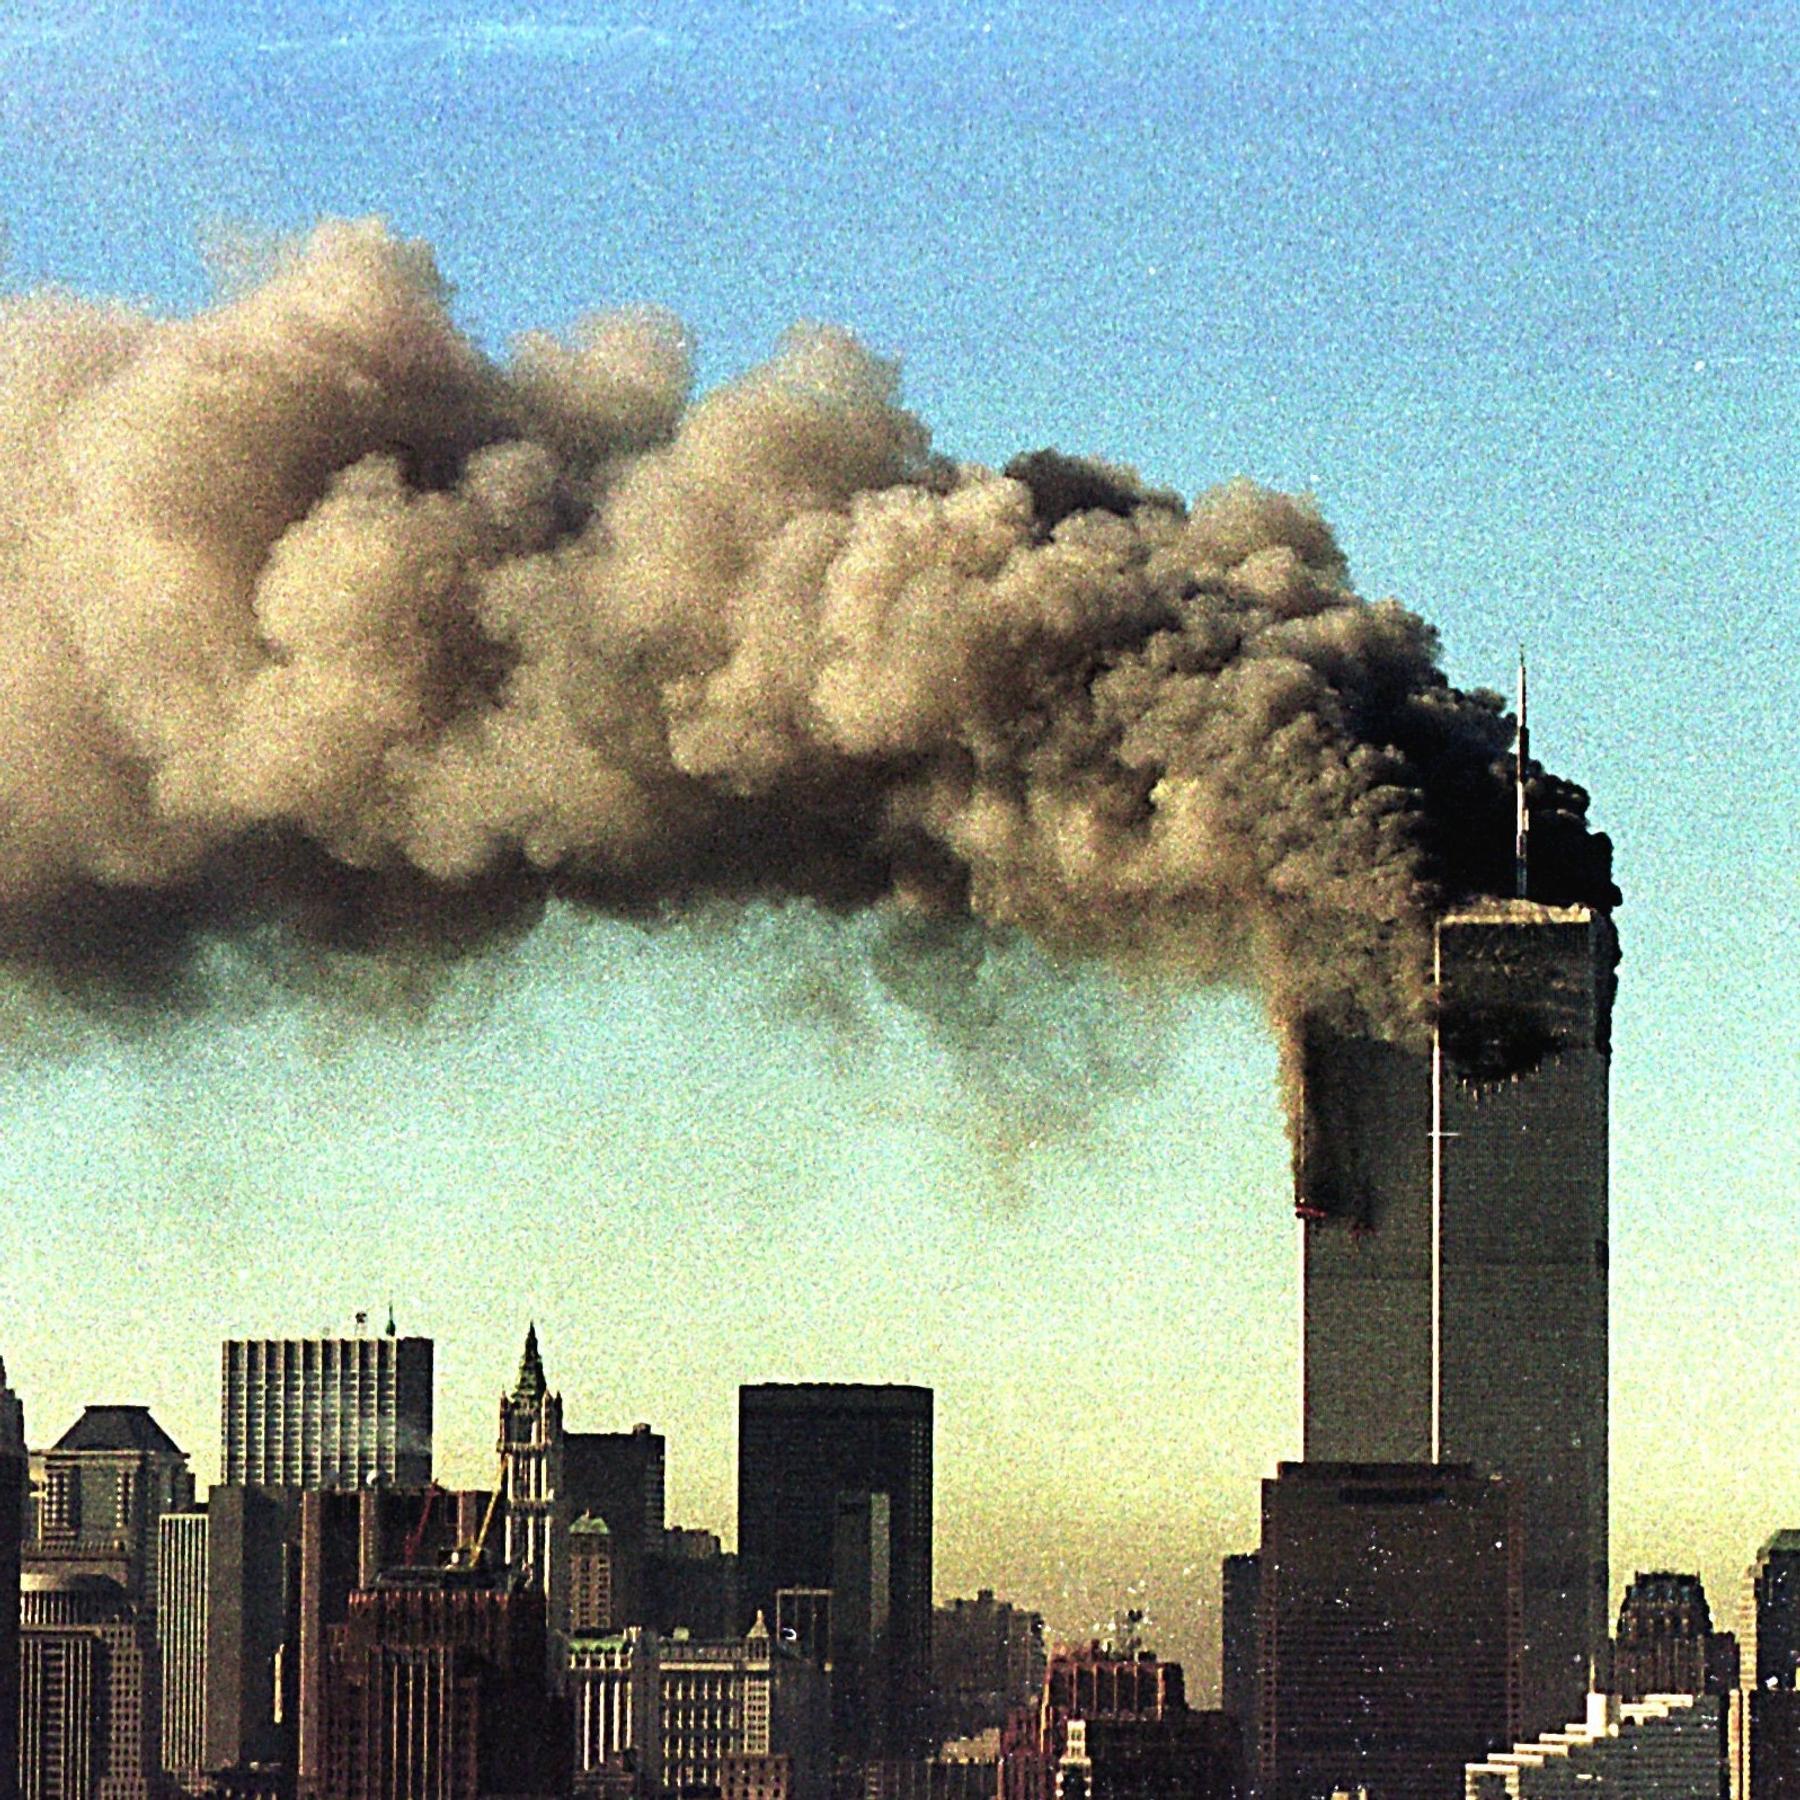 Der 11. September - die Folgen von 9/11